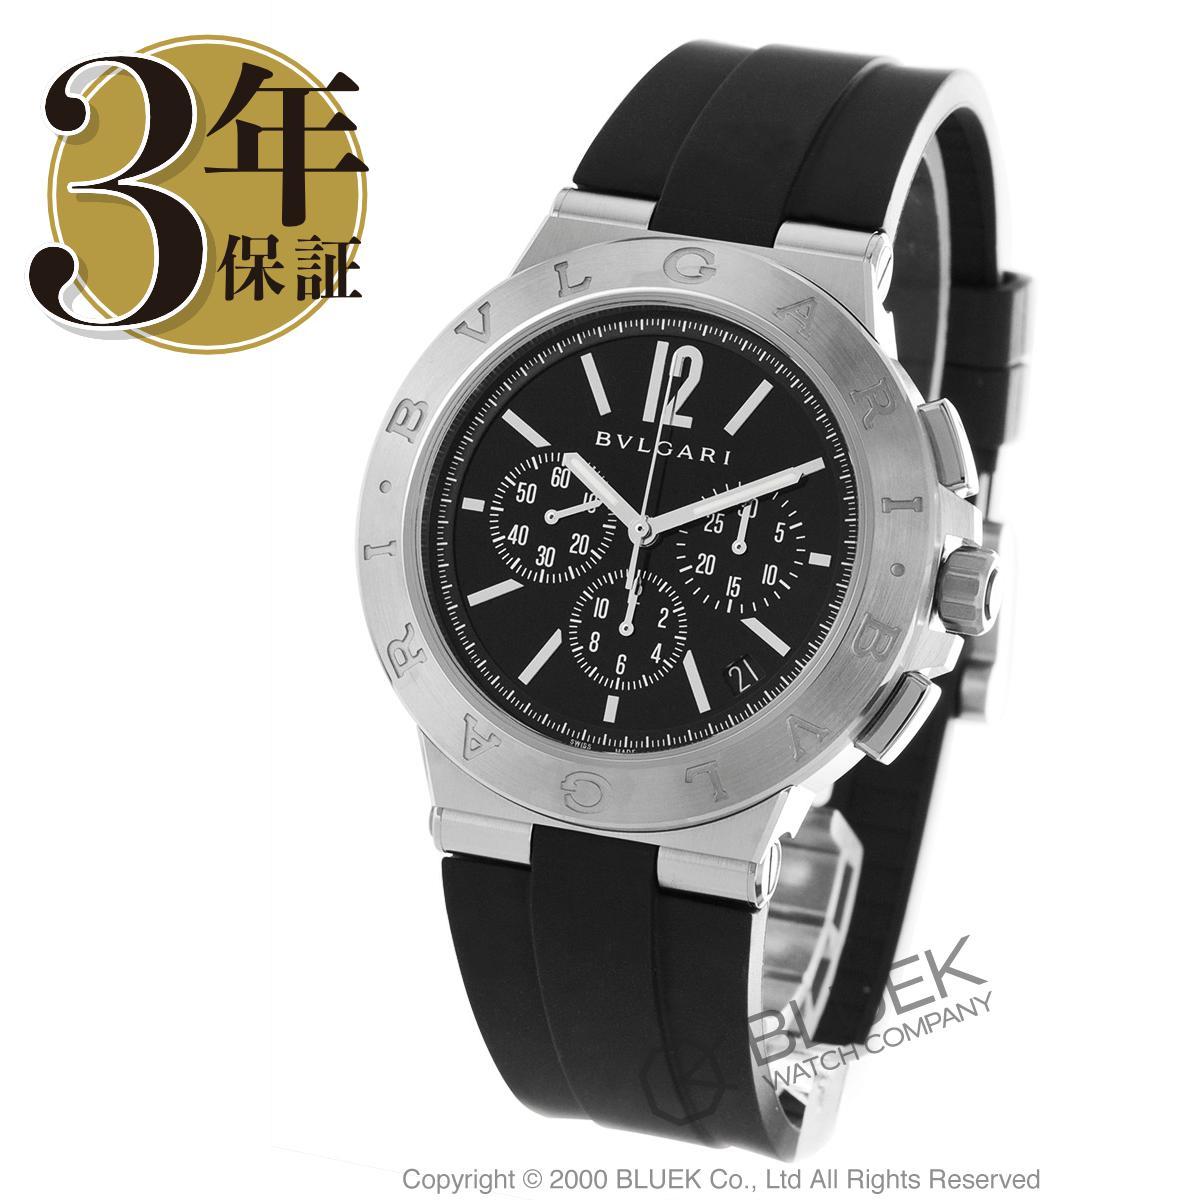 ブルガリ ディアゴノ ヴェロチッシモ クロノグラフ 替えベルト付き 腕時計 メンズ BVLGARI DG41BSVDCH-SET-BLK_8